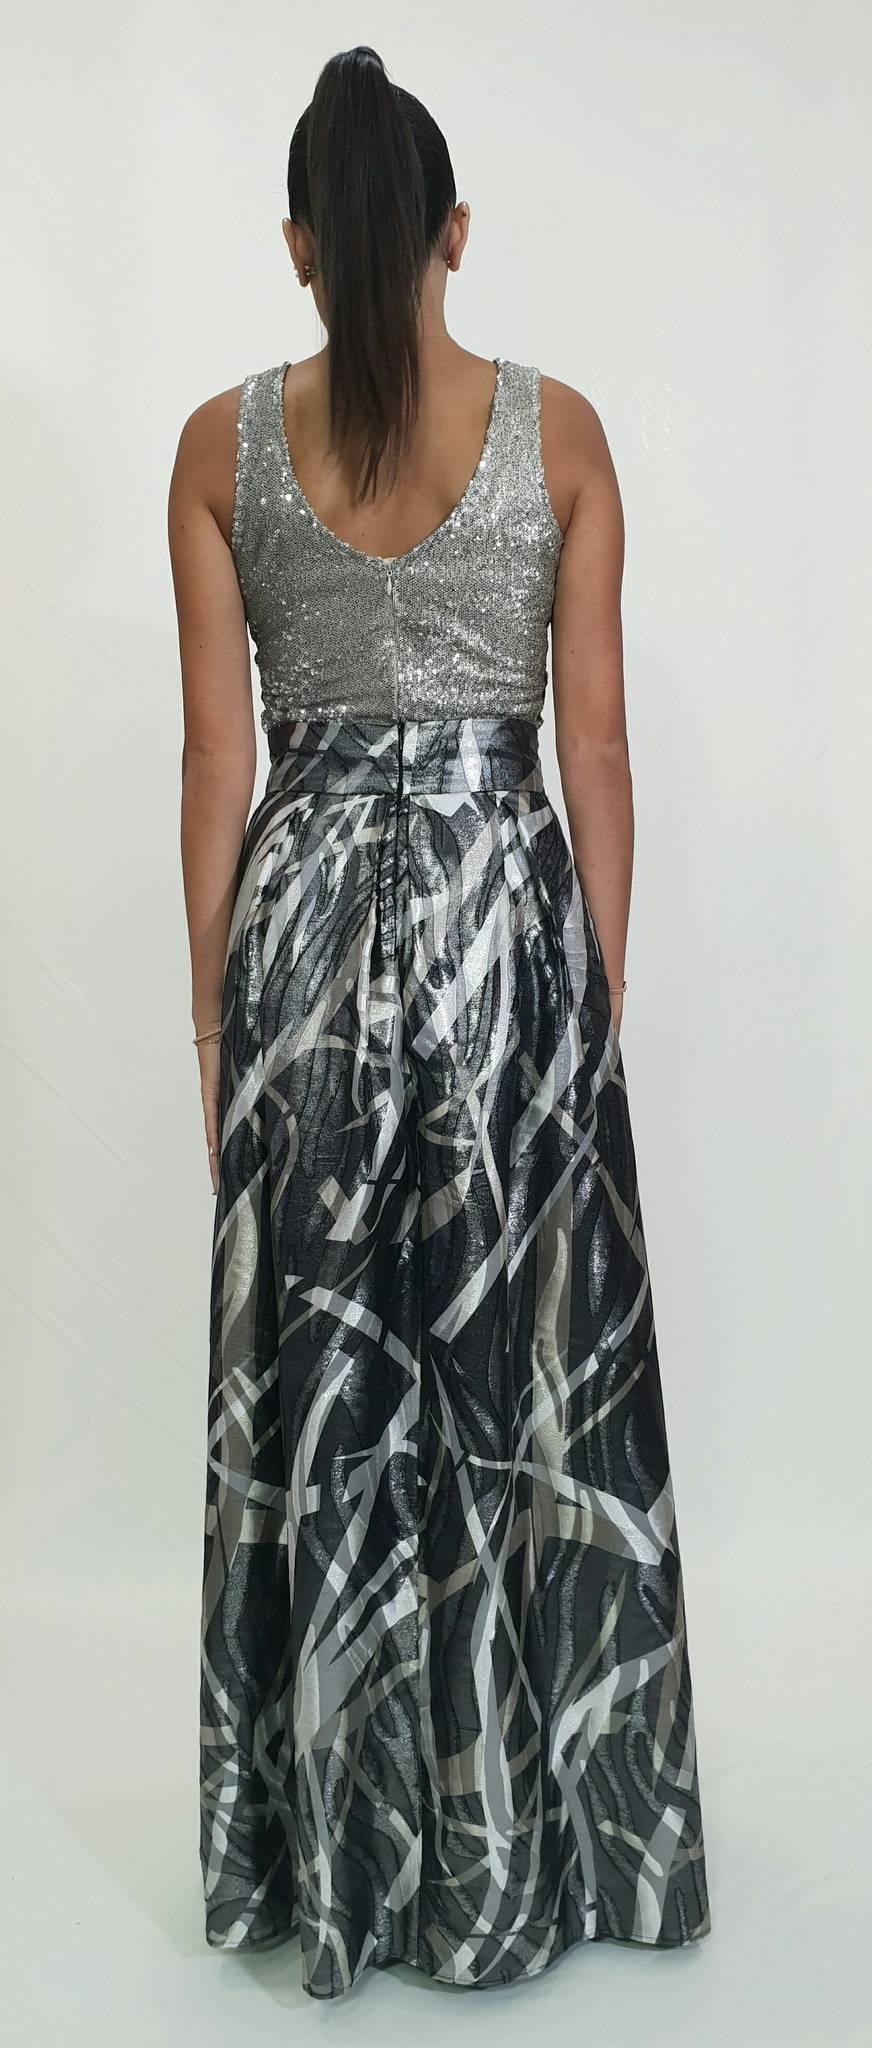 Εντυπωσιακή φούστα με πιέτες